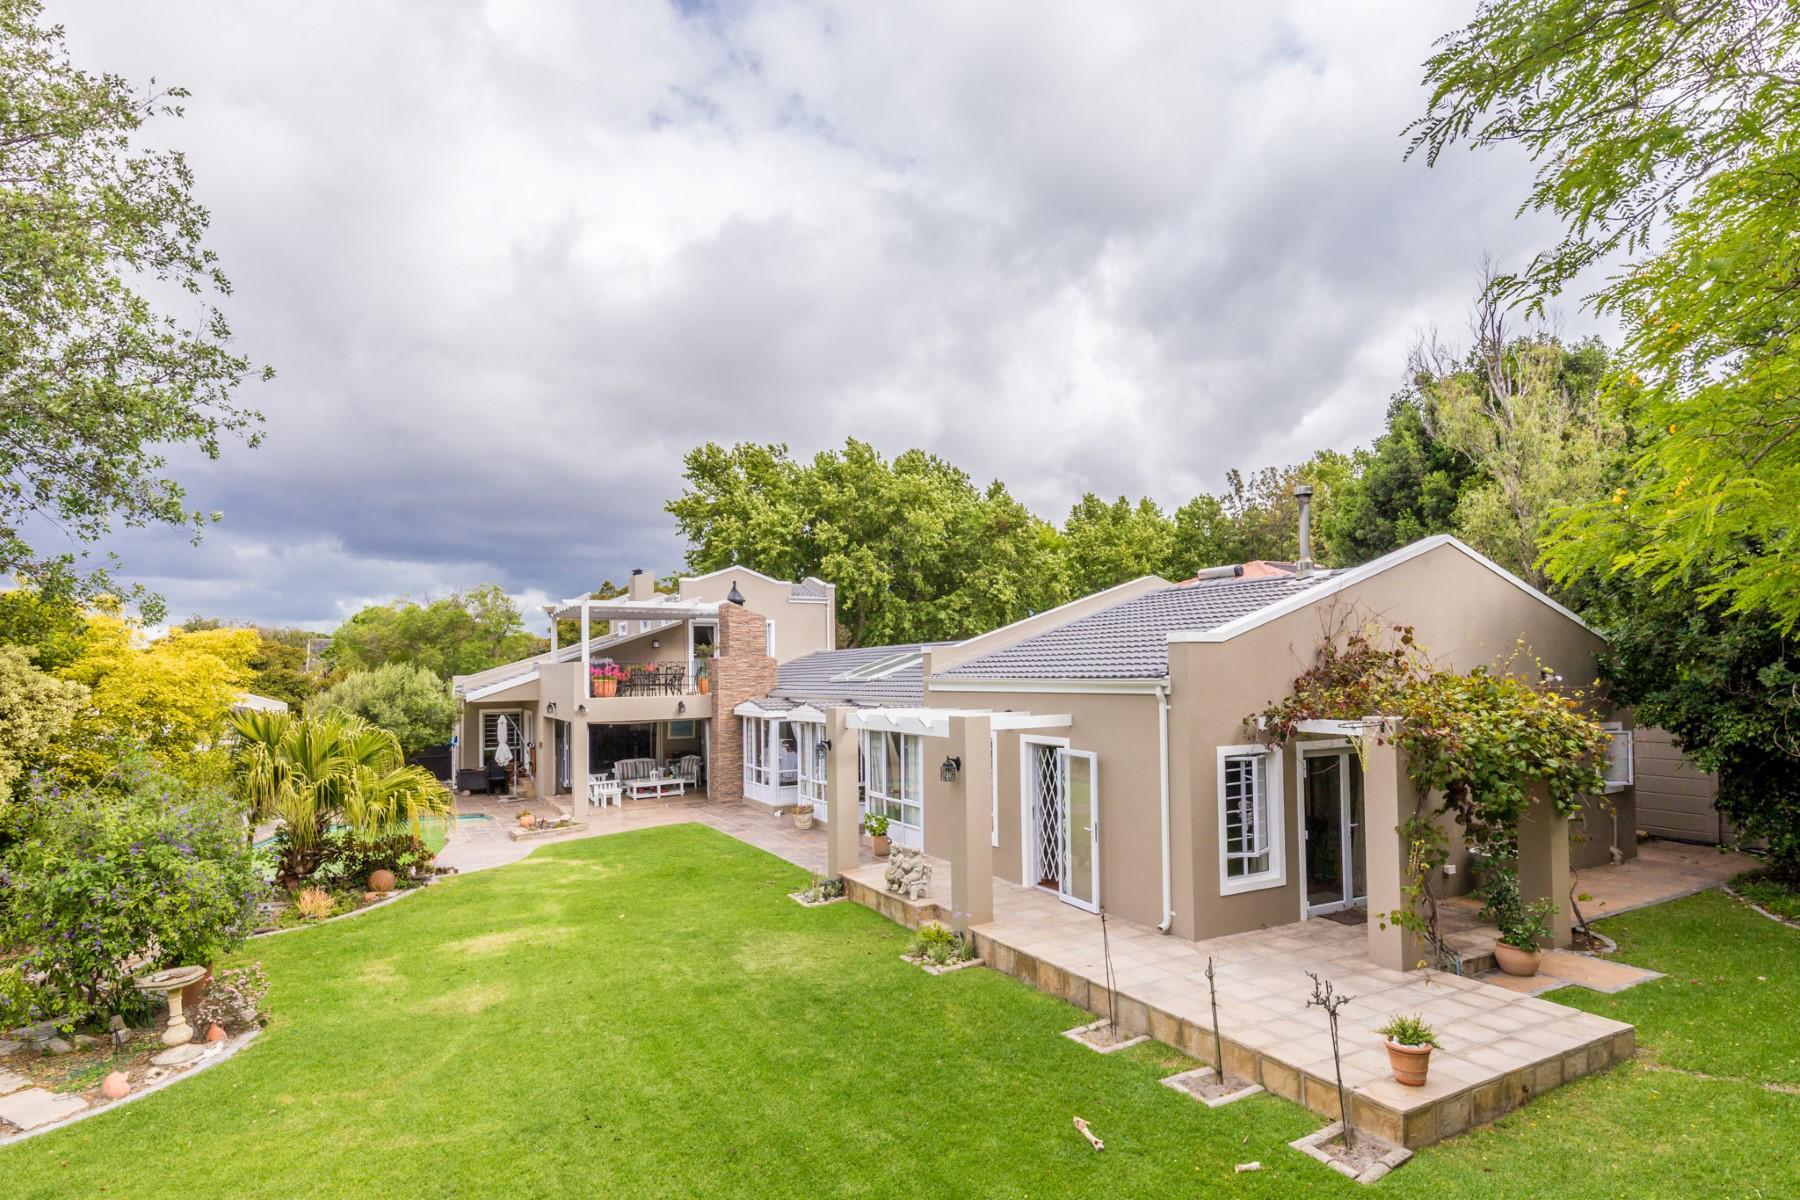 独户住宅 为 销售 在 Tokai 开普敦, 西开普省, 7806 南非